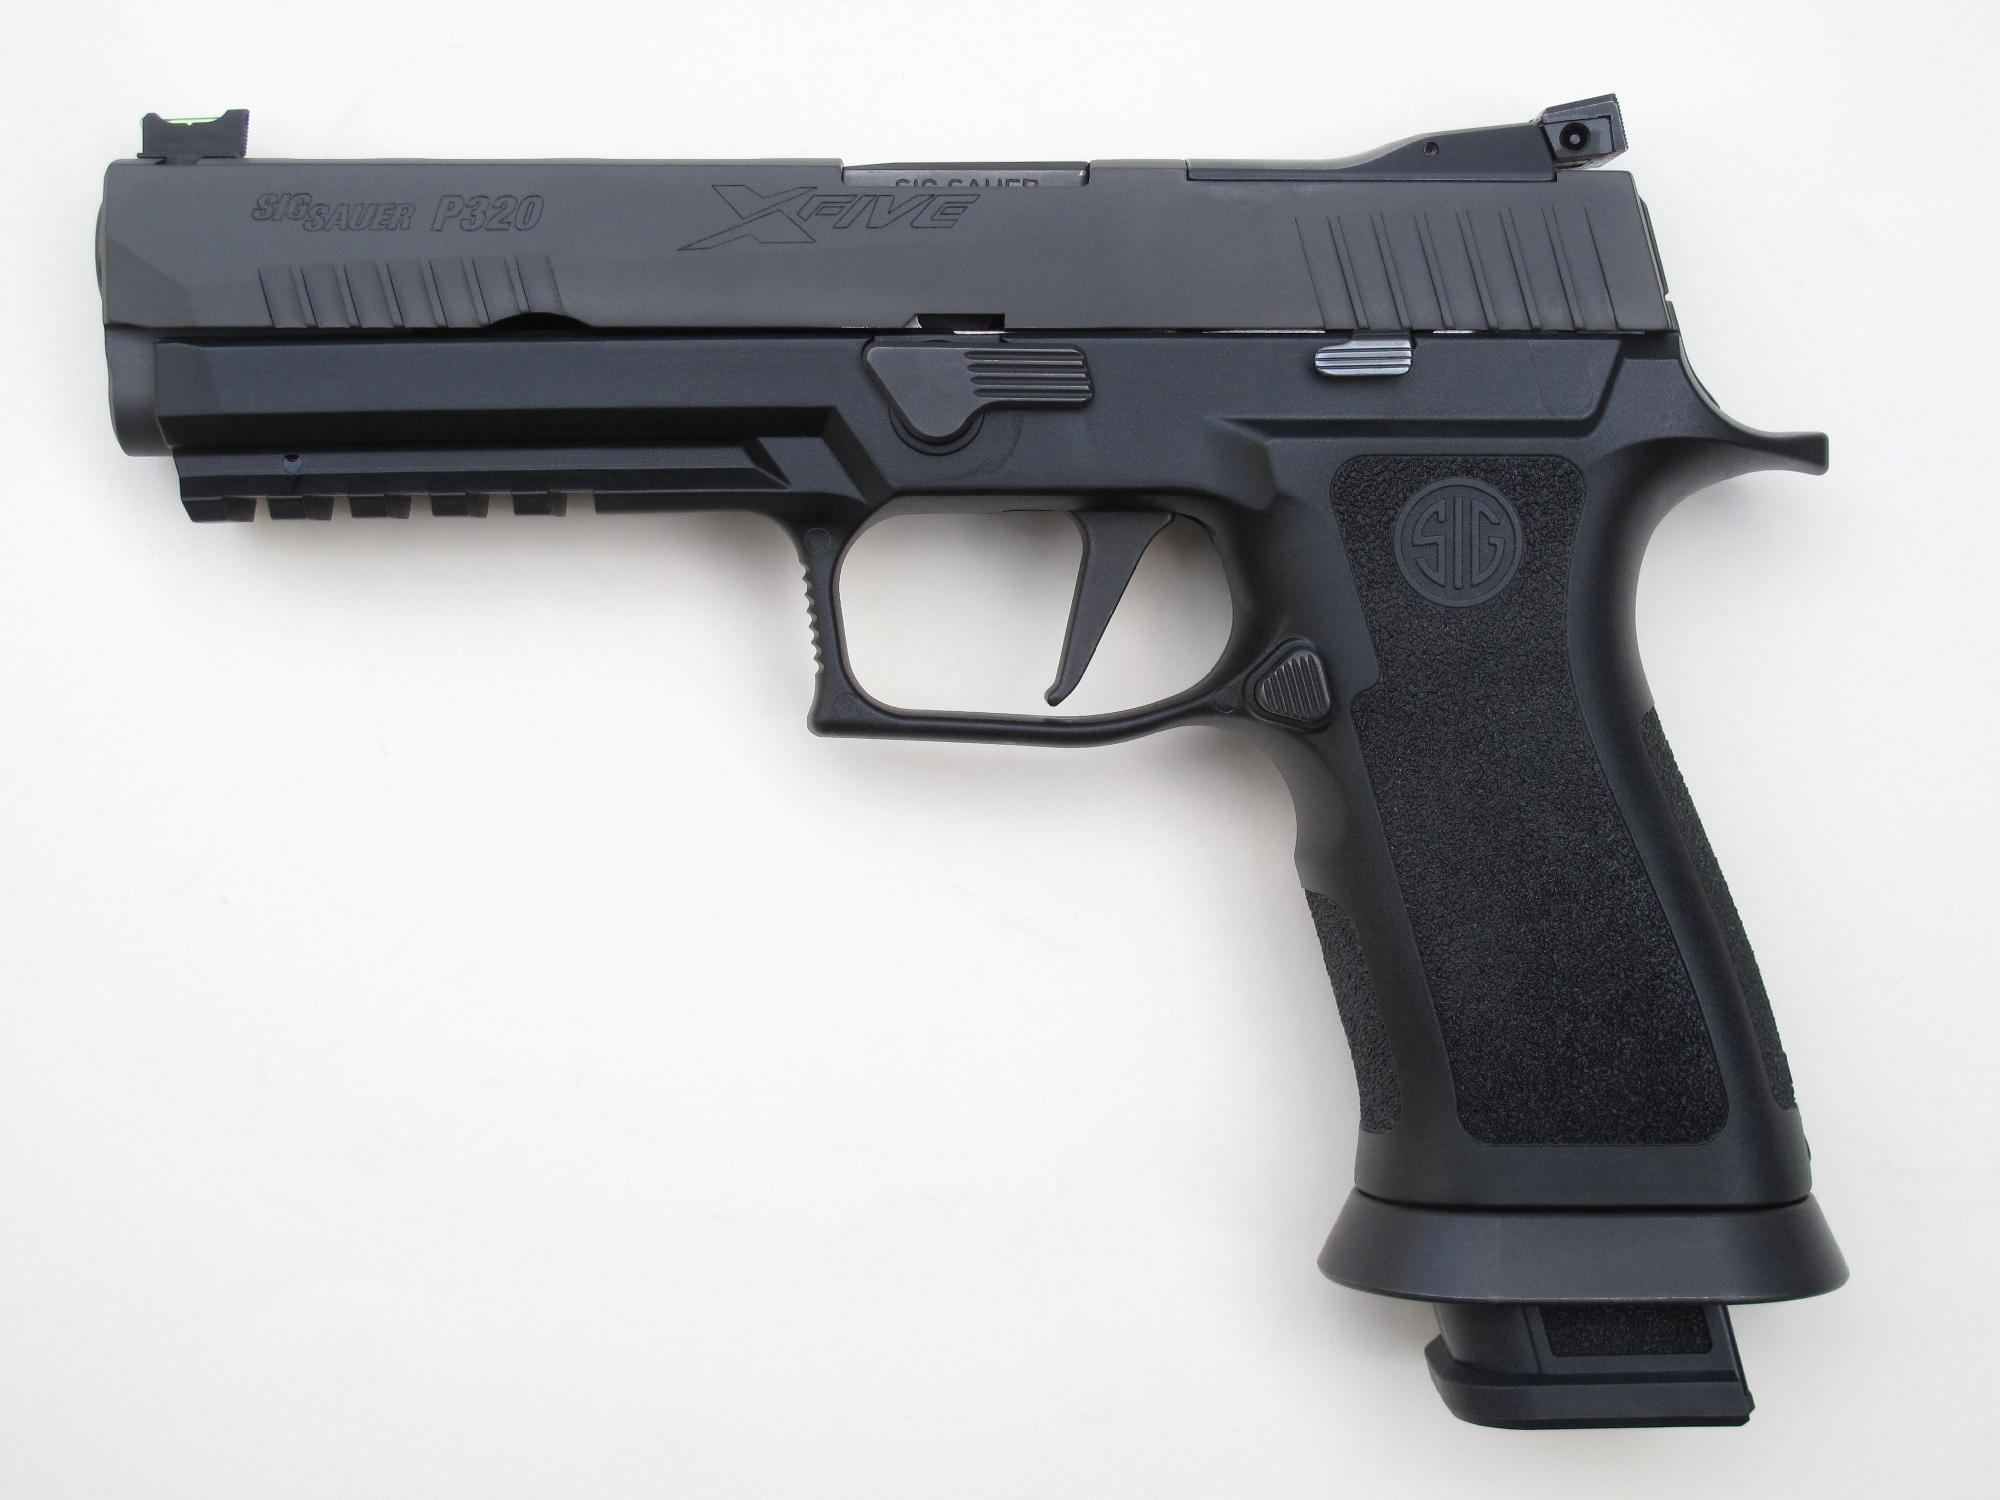 Pistolet semi-automatique SIG-Sauer P320 « X-Five » en calibre 9 mm Parabellum